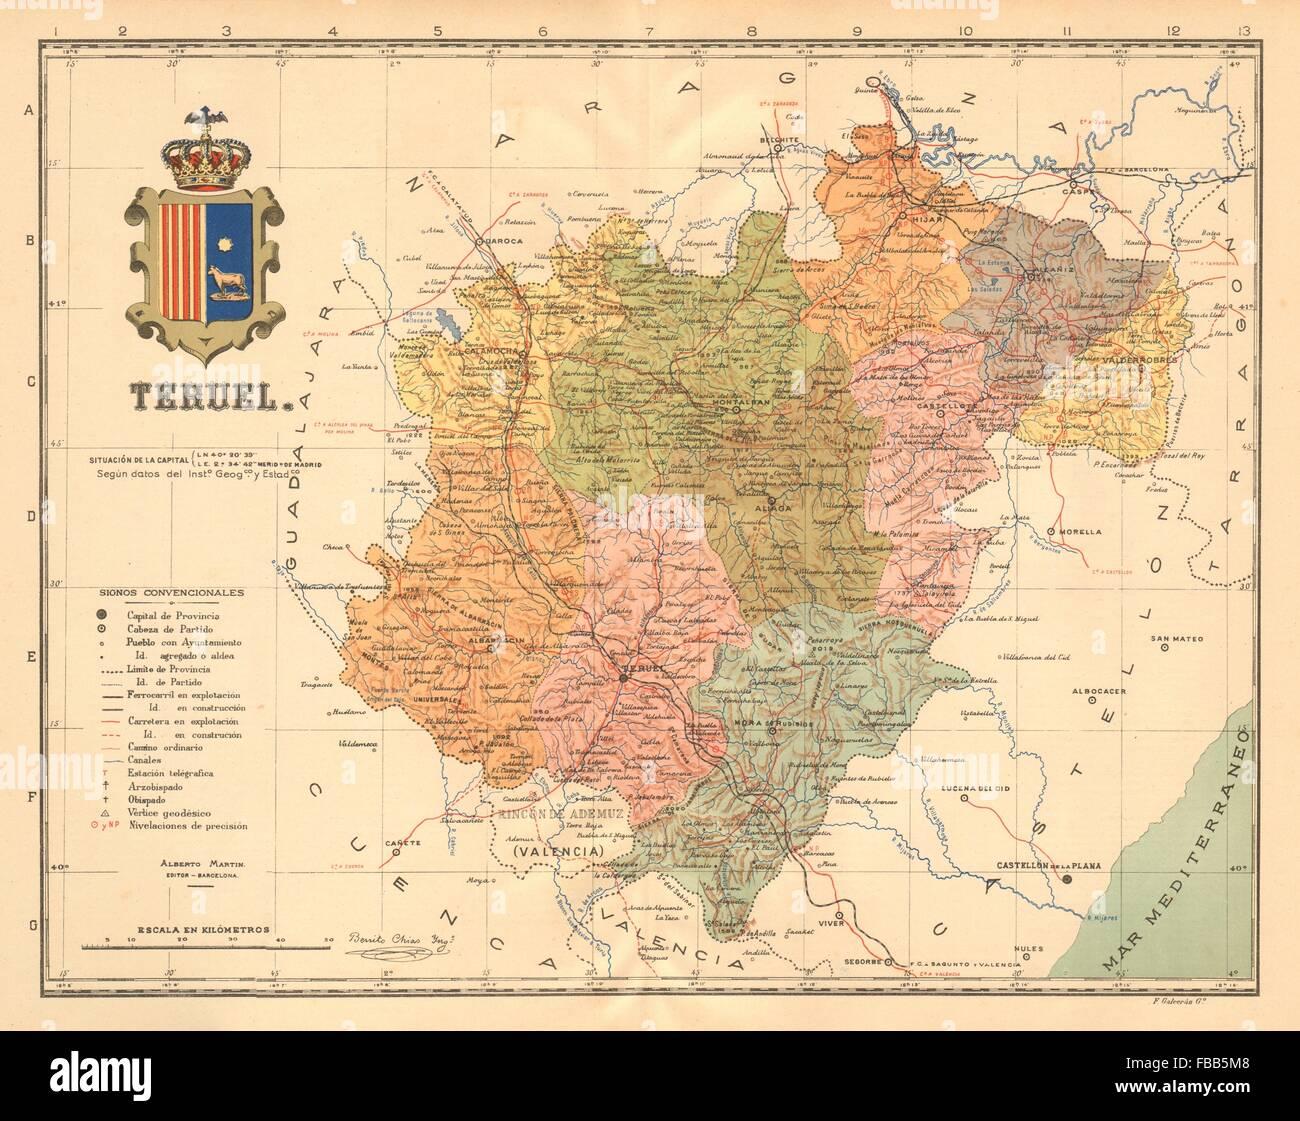 Mapa De Teruel Capital.Spain Mapa De La Provincia Stock Photos Spain Mapa De La